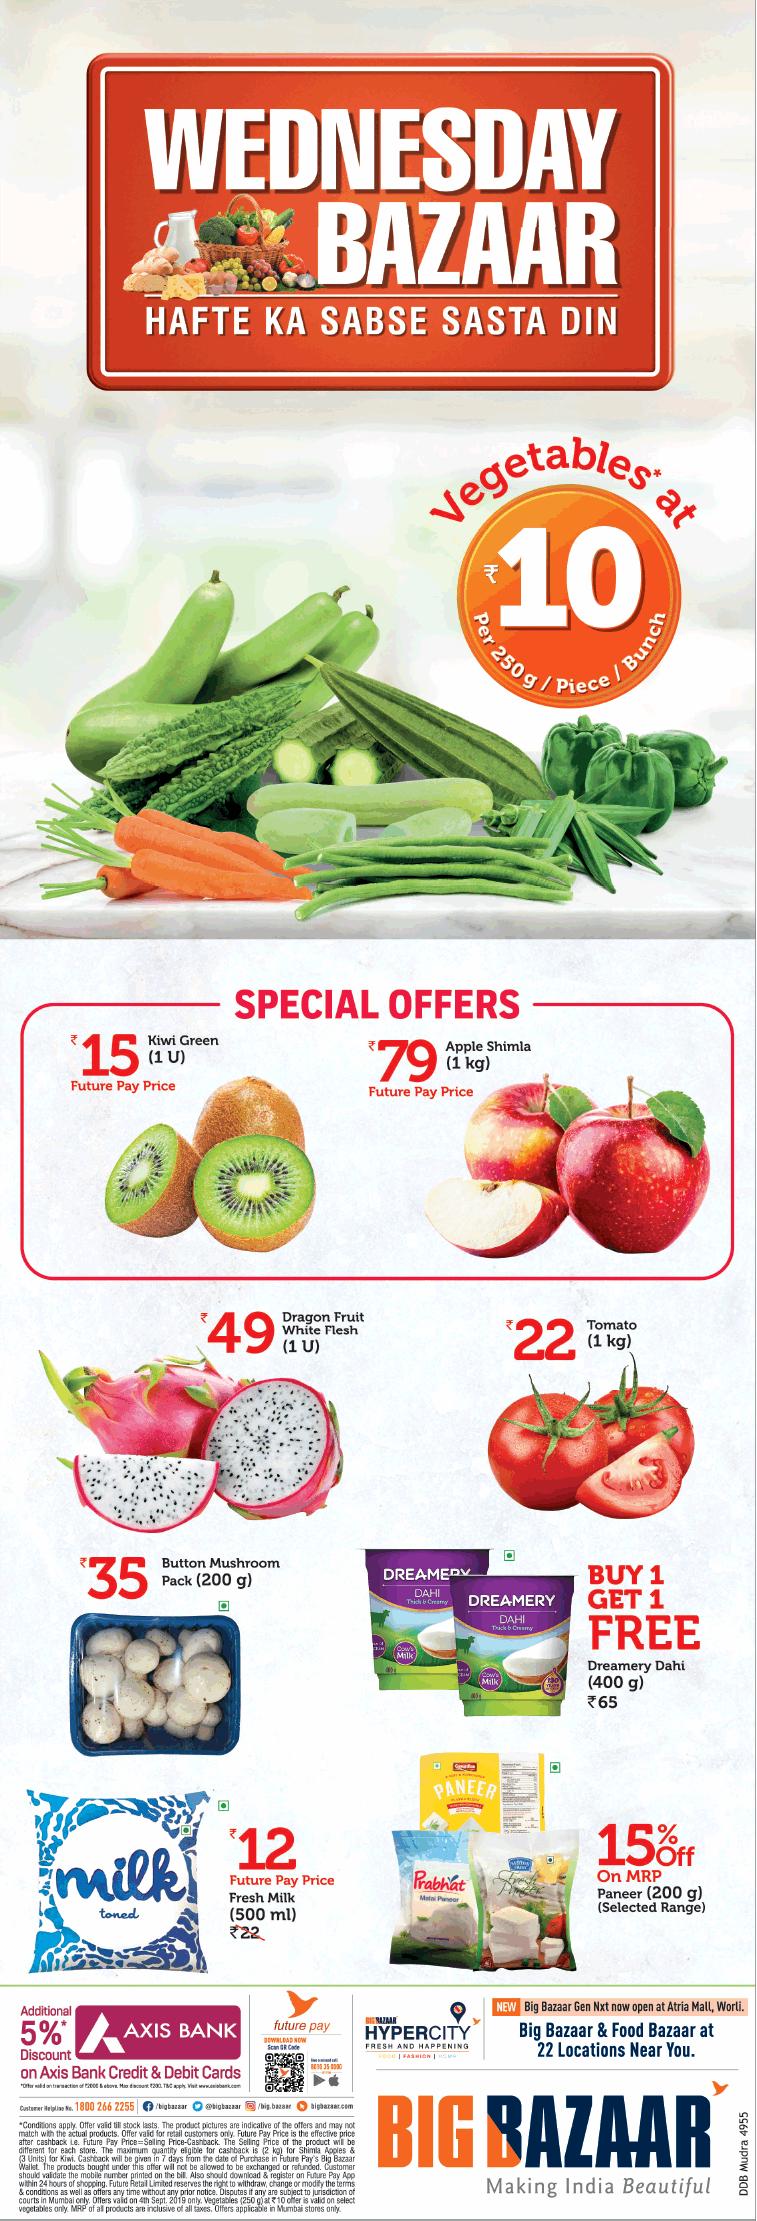 big-bazaar-wednesday-bazaar-vegetables-at-rs-10-ad-delhi-times-04-09-2019.png